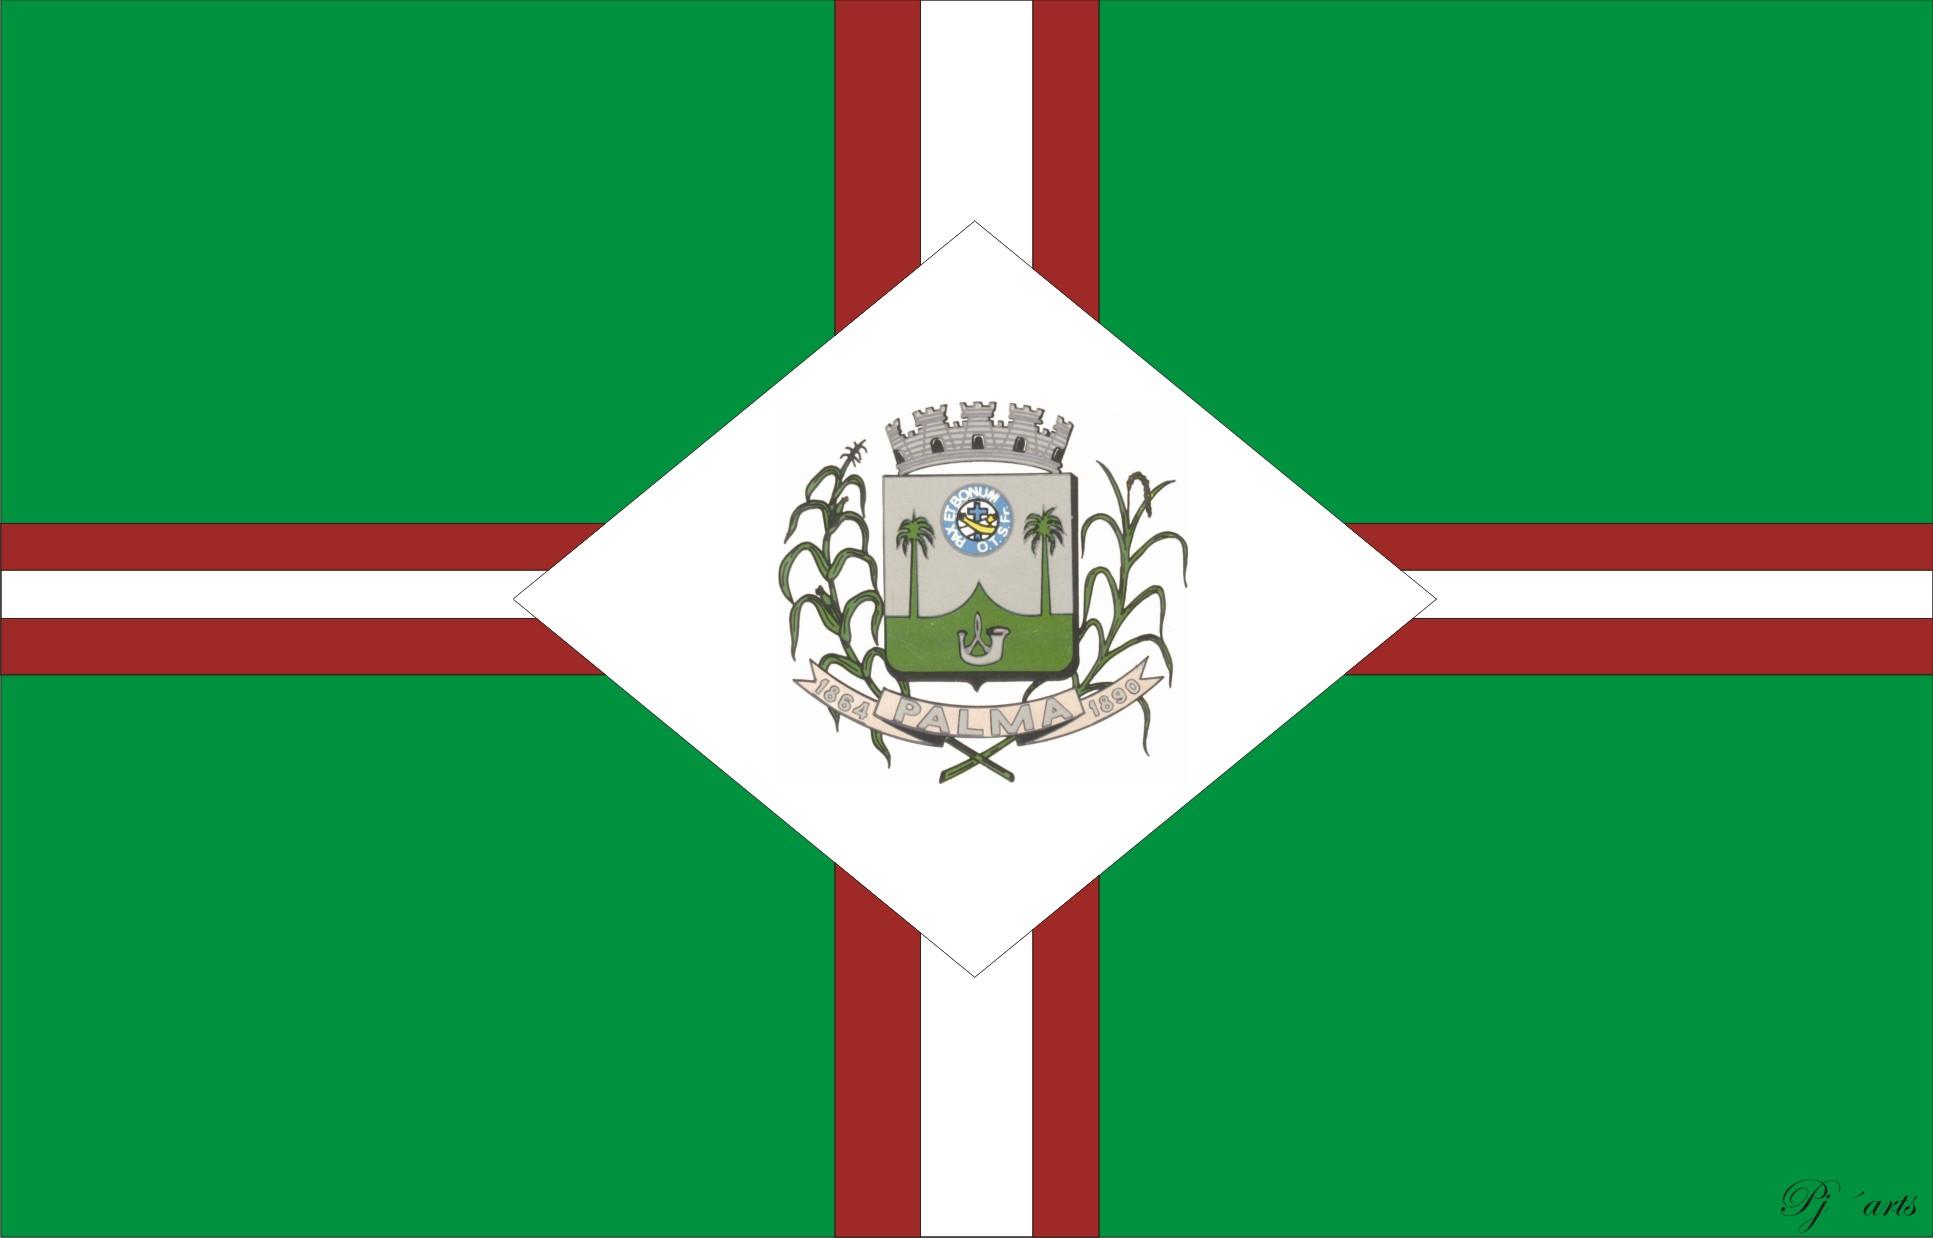 Bandera Palma, Minas Gerais